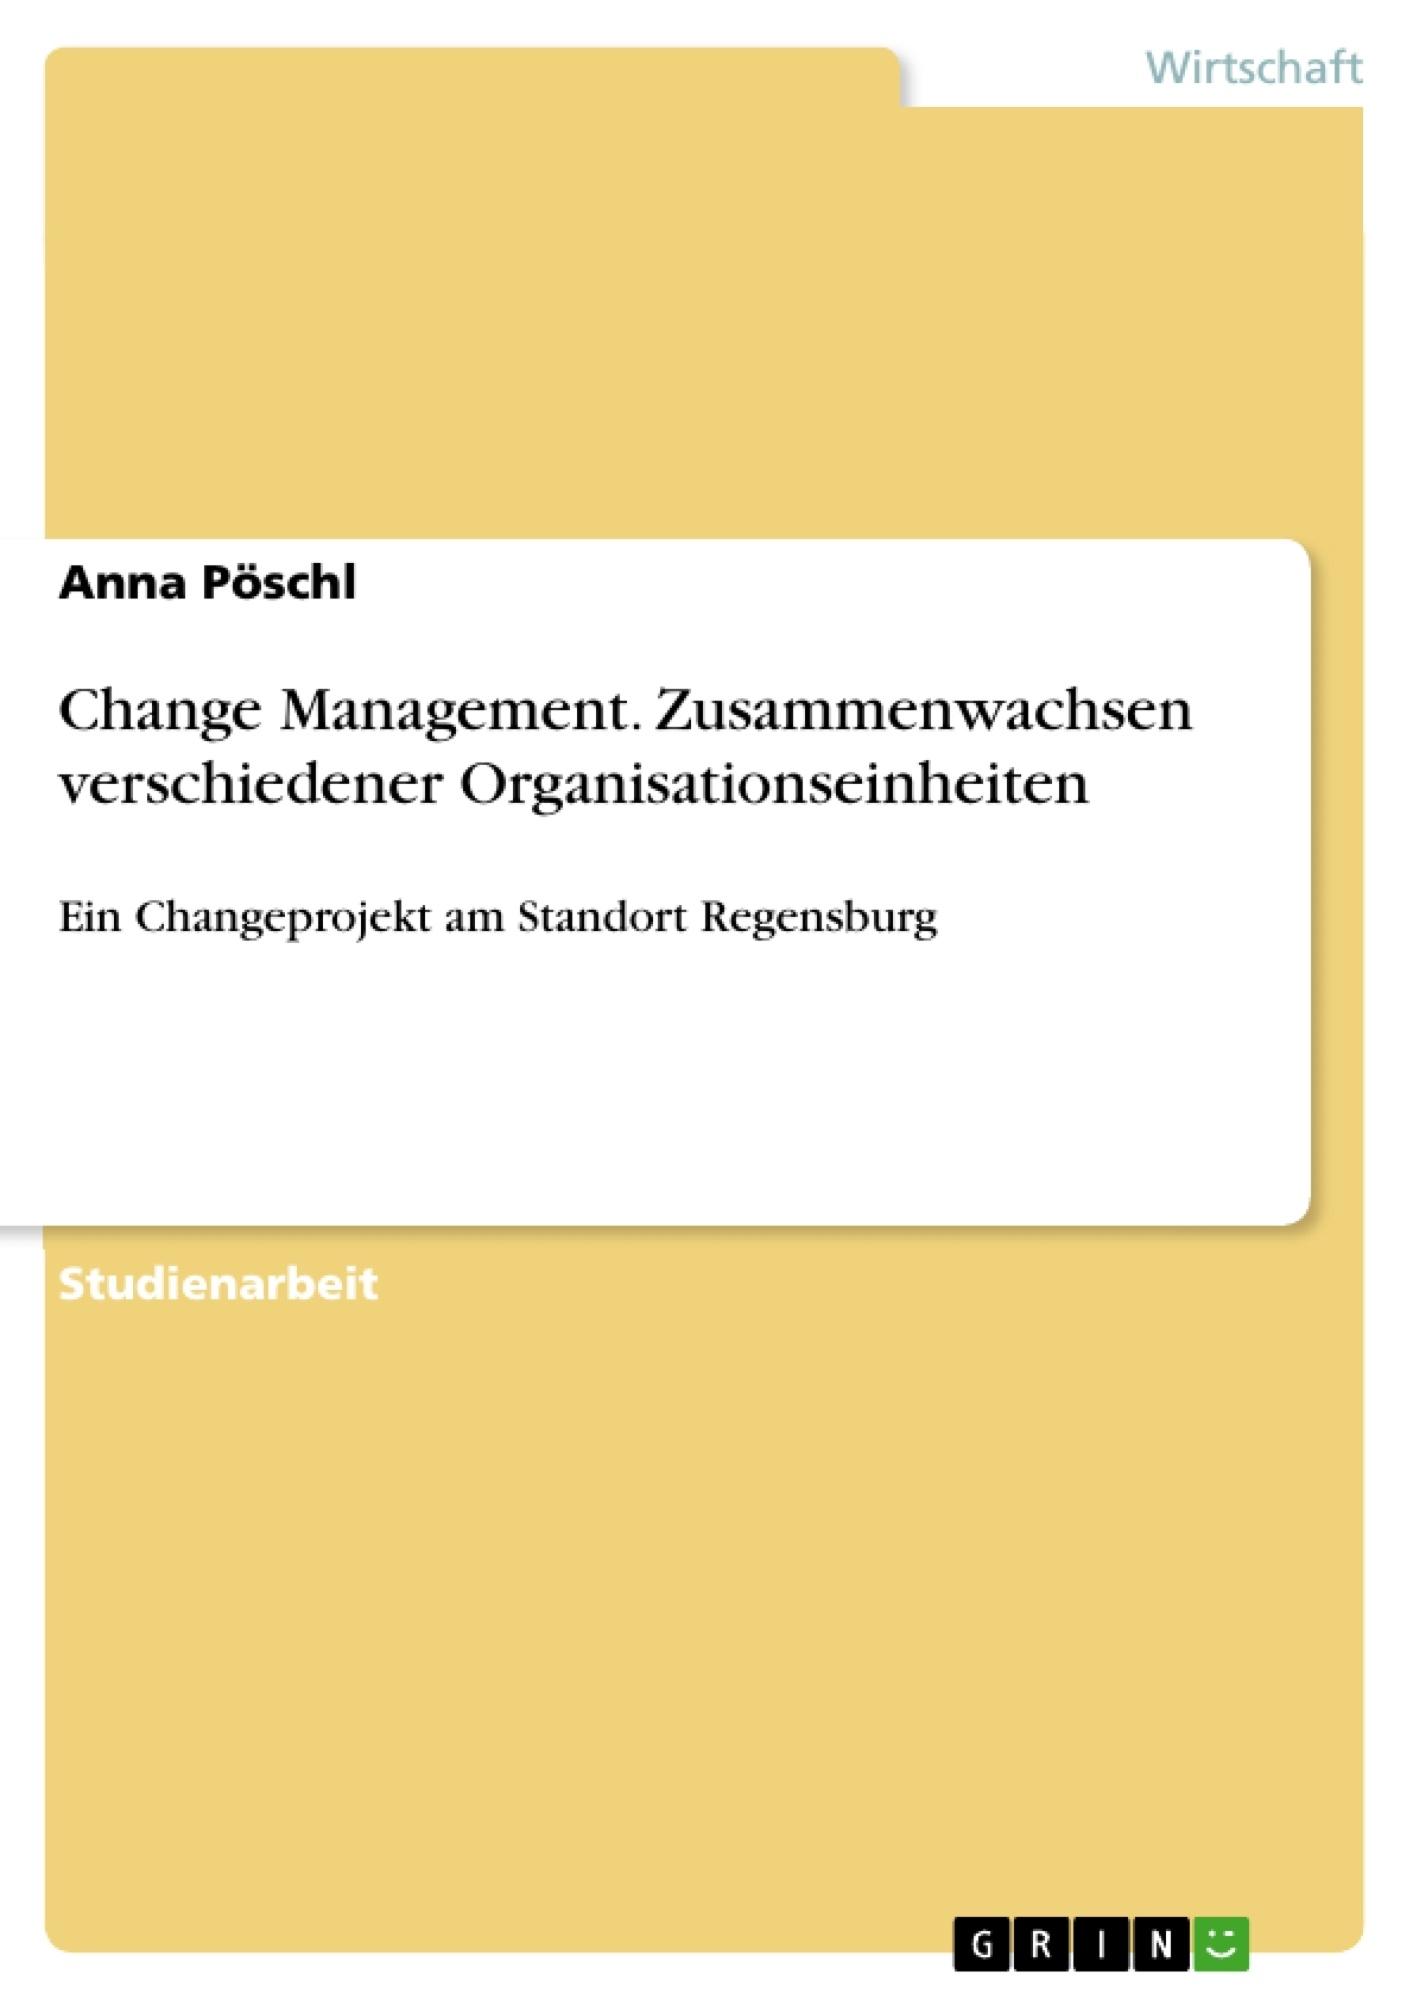 Titel: Change Management. Zusammenwachsen verschiedener Organisationseinheiten